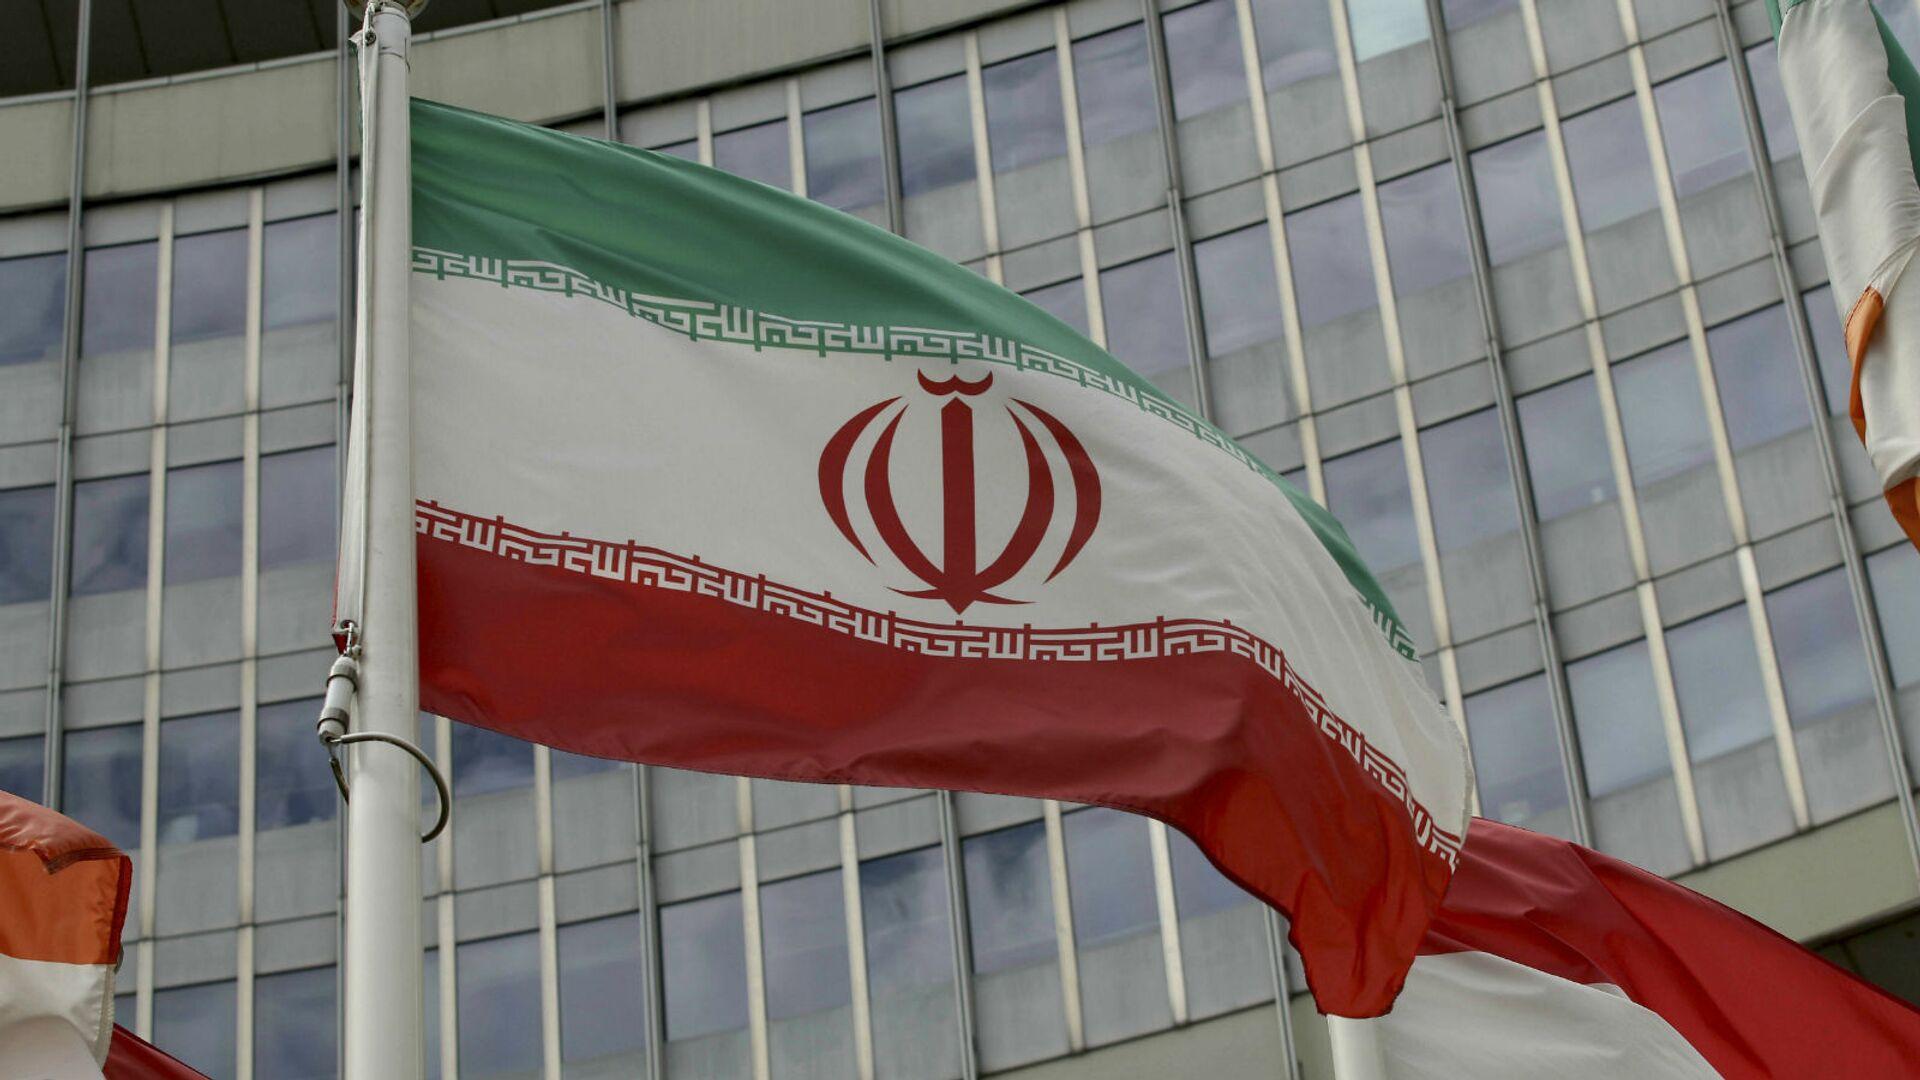 Иранский флаг развевается у здания ООН, в котором находится офис Международного агентства по атомной энергии МАГАТЭ (10 июля 2019). Вена - Sputnik Արմենիա, 1920, 18.04.2021